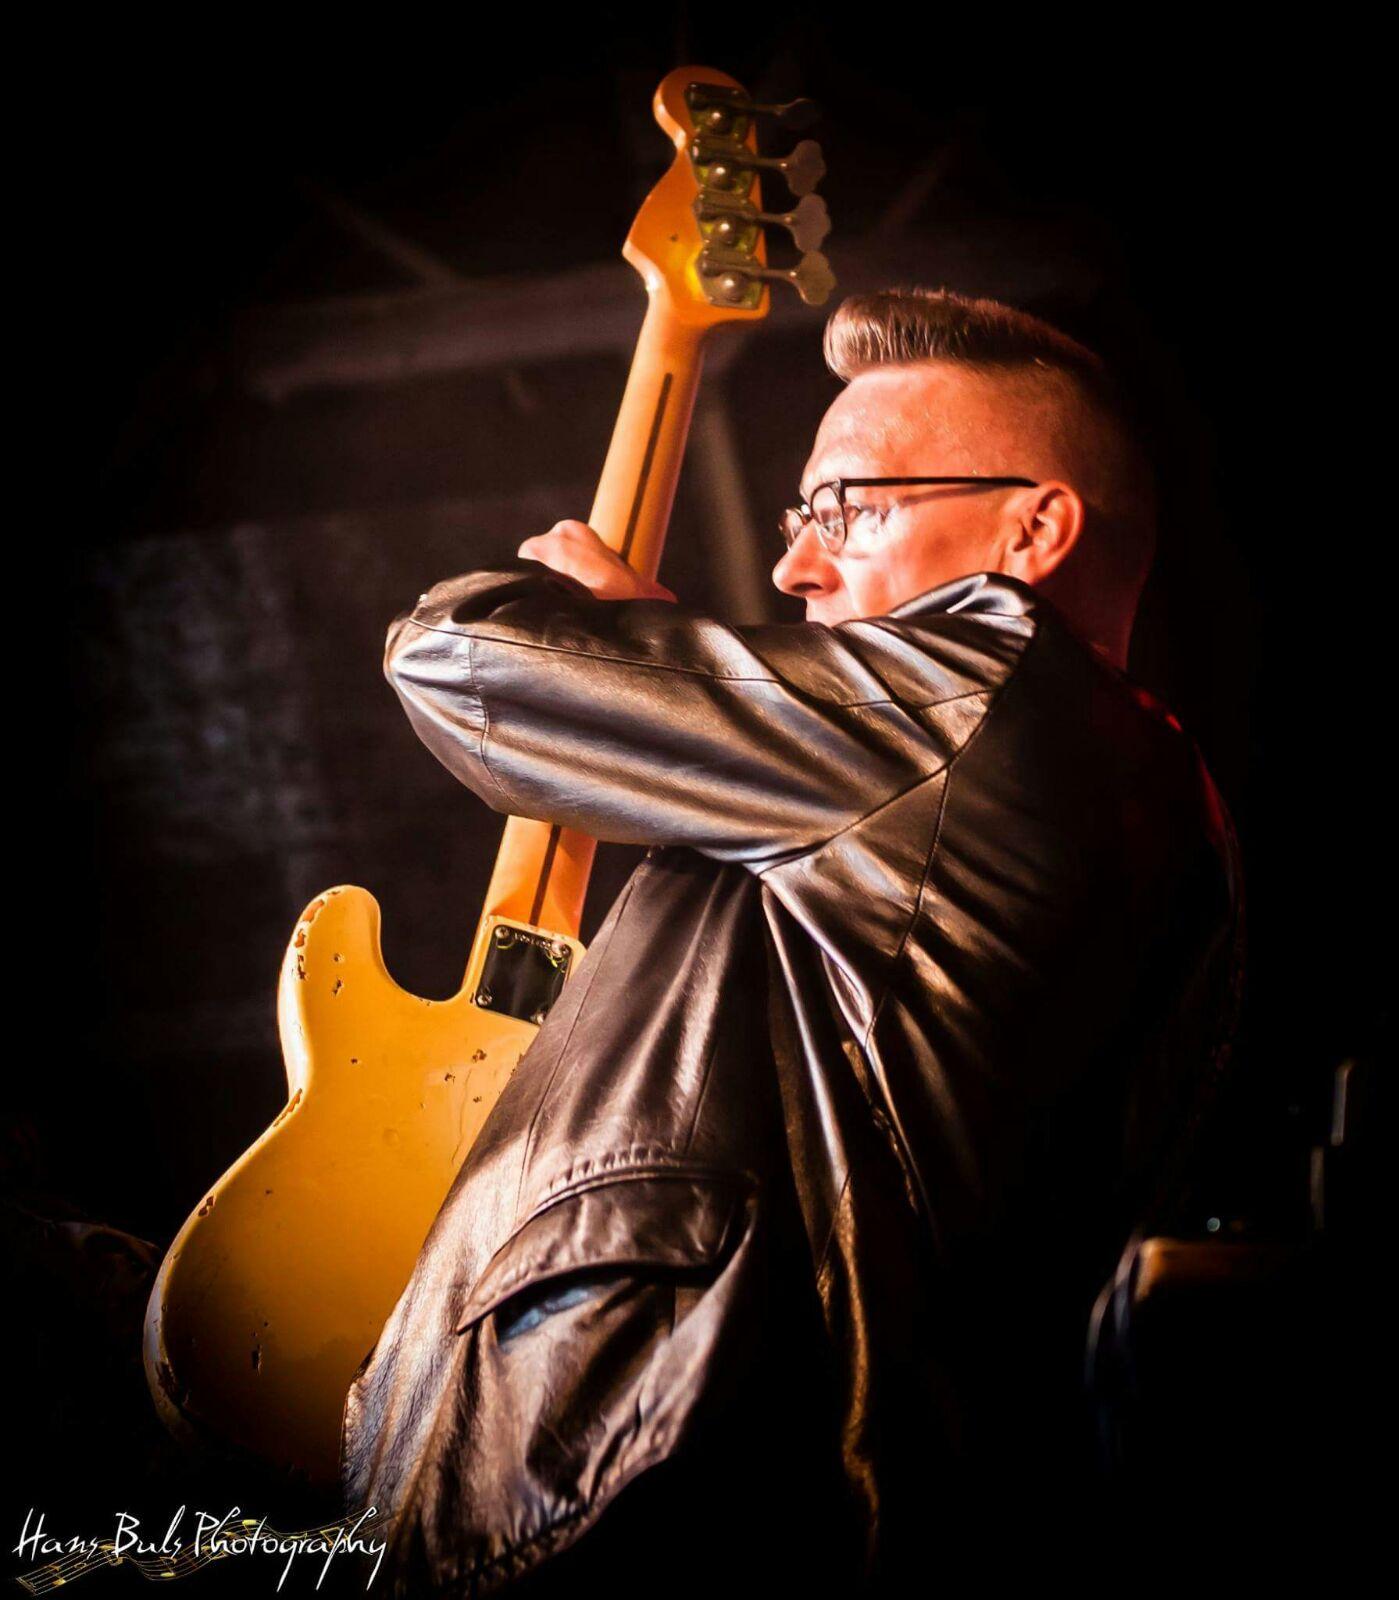 Frans Jeurink bassist Mojo Clinton foto van Hans Buls